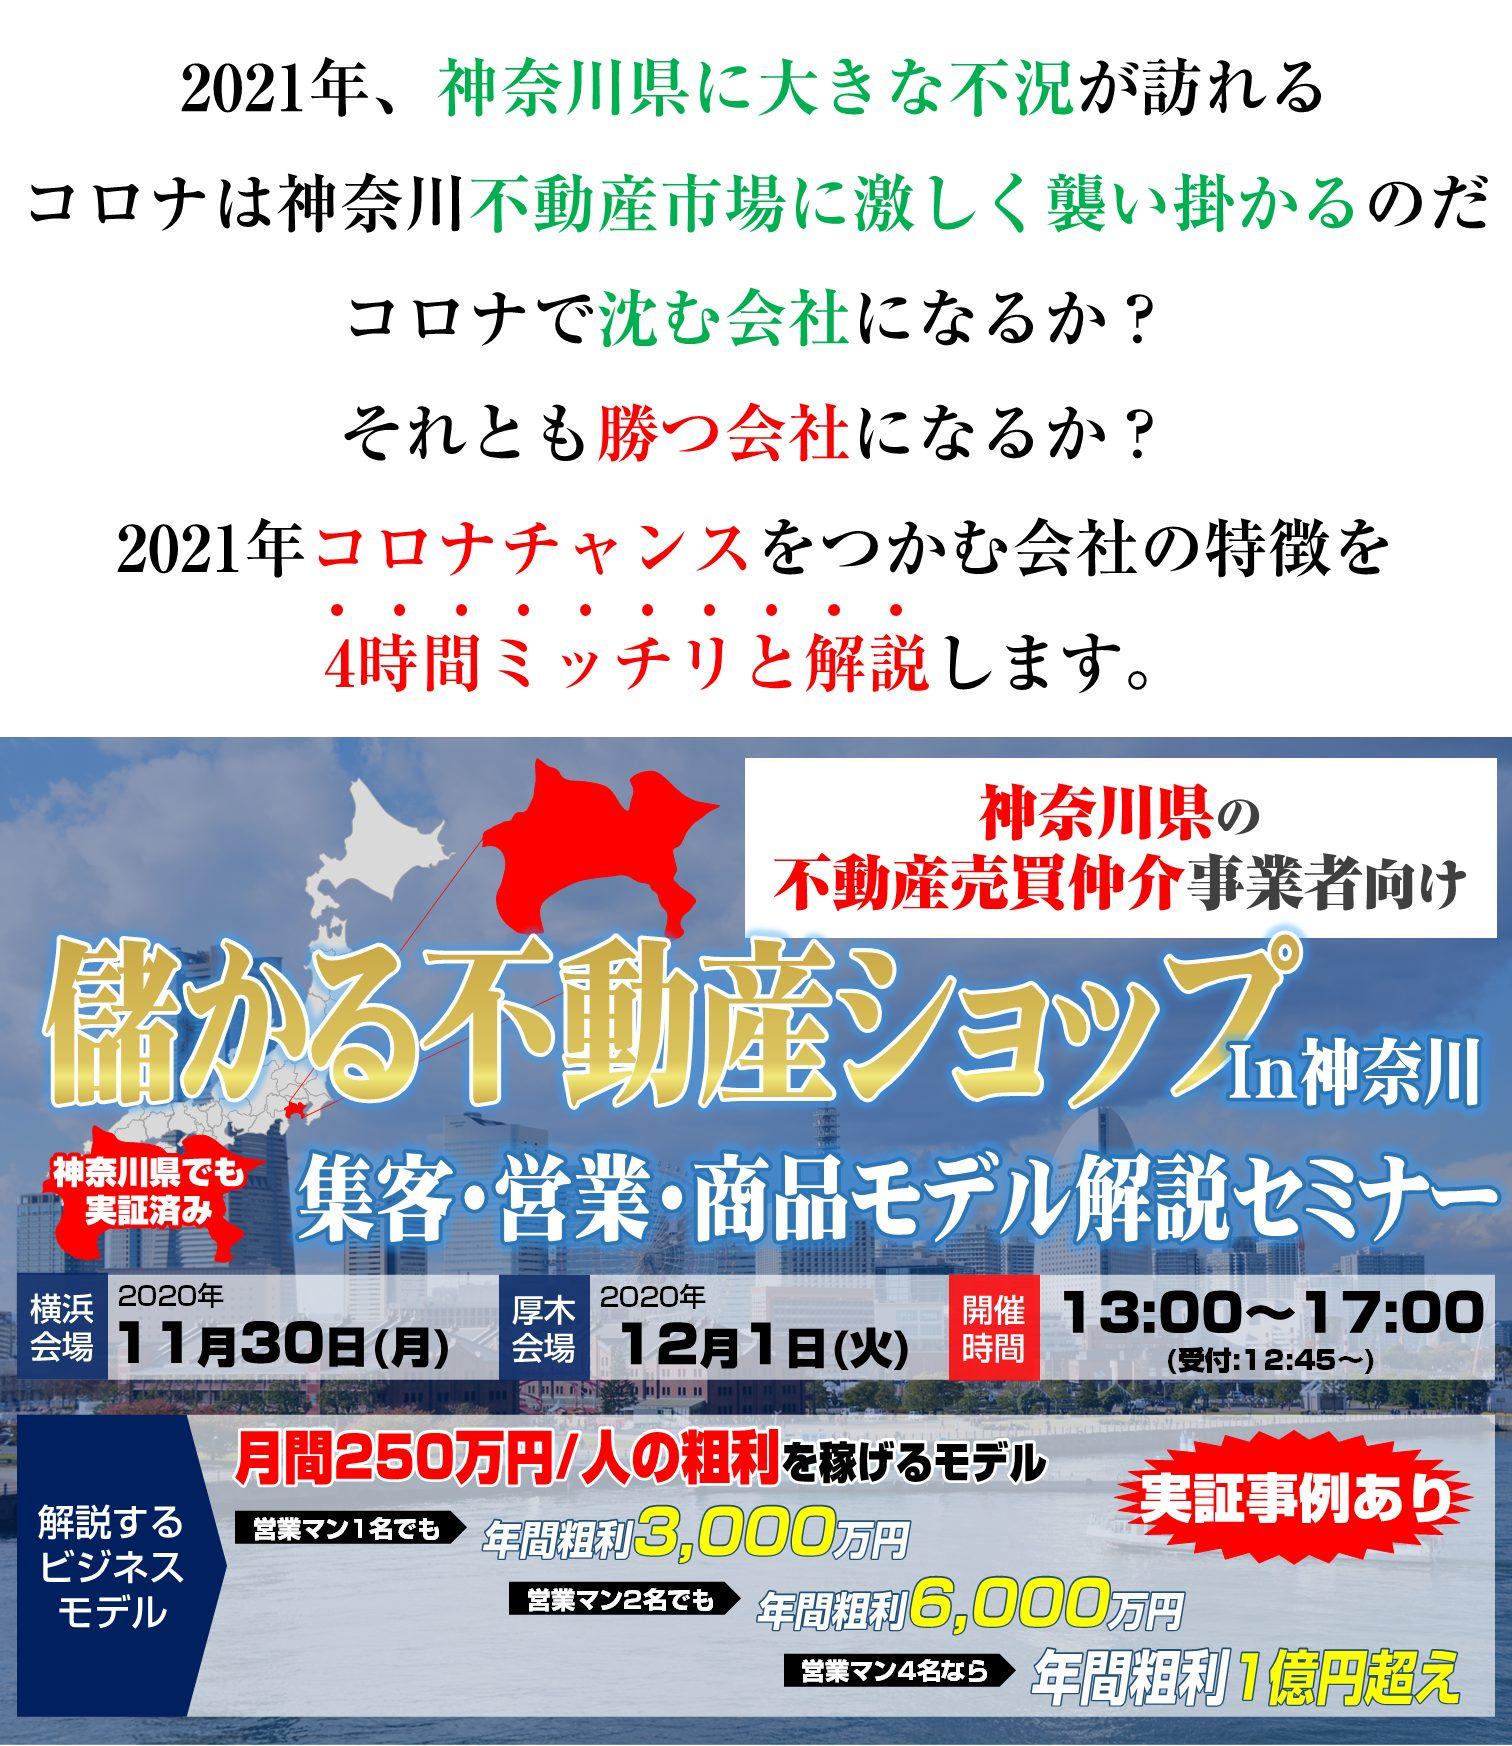 【神奈川】儲かる不動産会社 ビジネスモデル解説セミナーin神奈川_2020.11